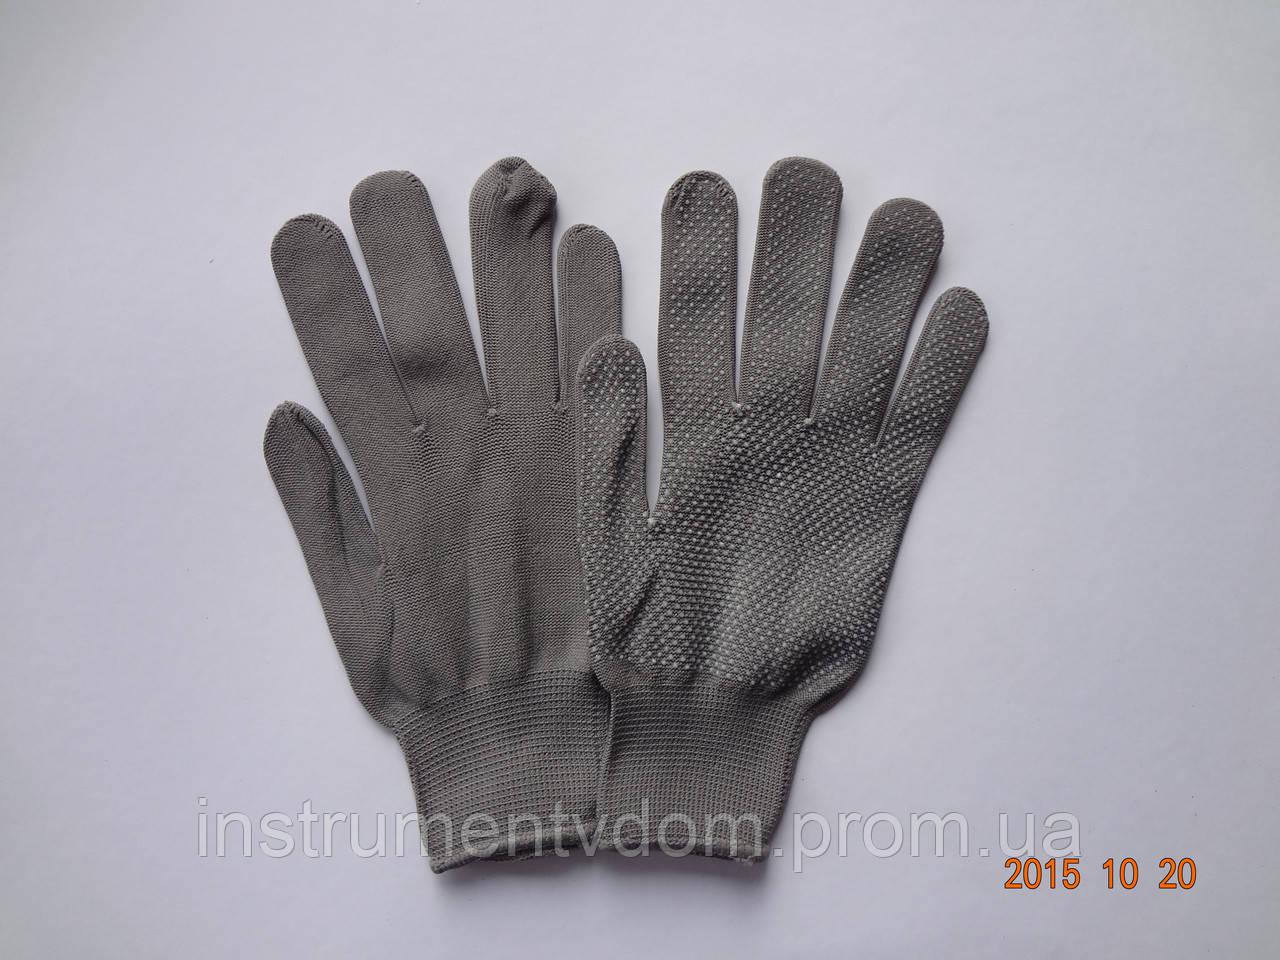 Перчатки серые нейлоновые с ПВХ точкой (упаковка 12 пар)